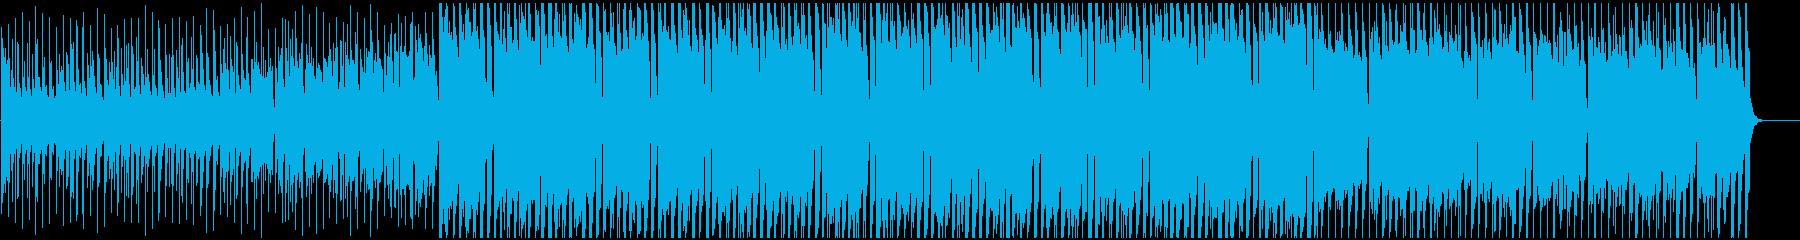 アップテンポでハッピーなハウスBGMの再生済みの波形